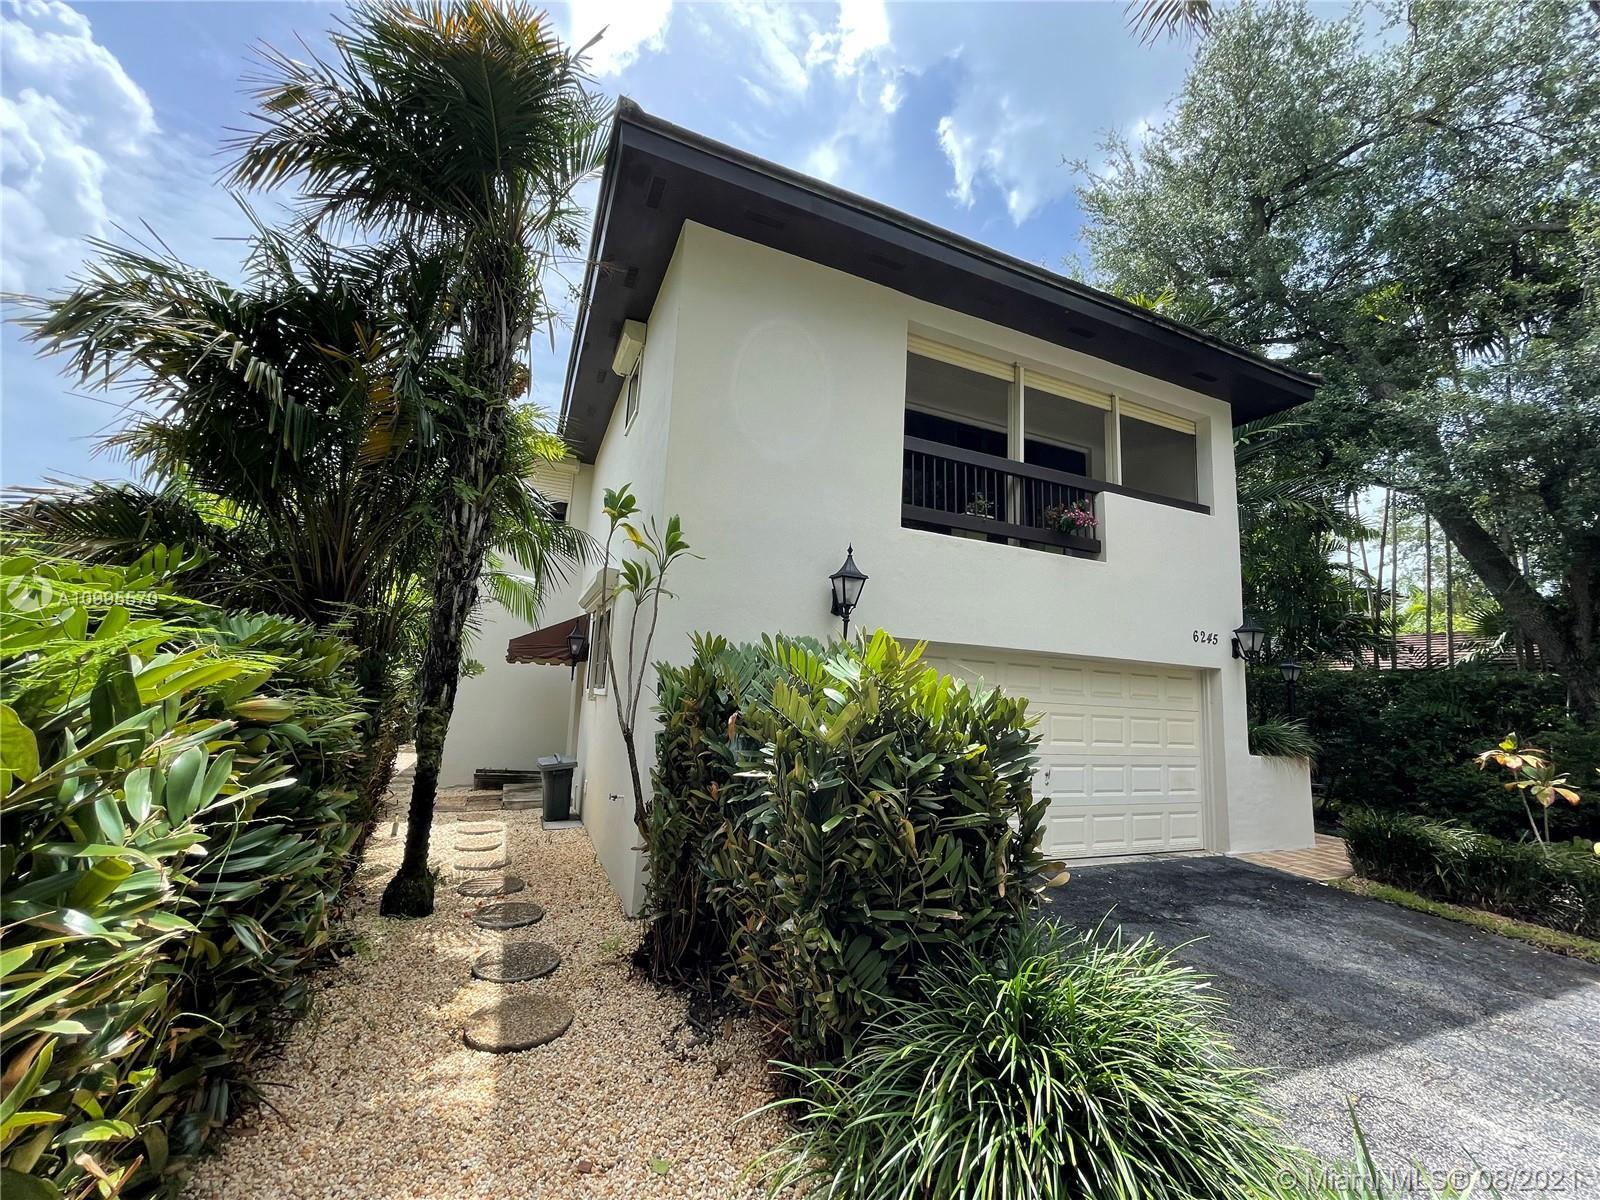 6245 Maynada St, Coral Gables, Florida 33146